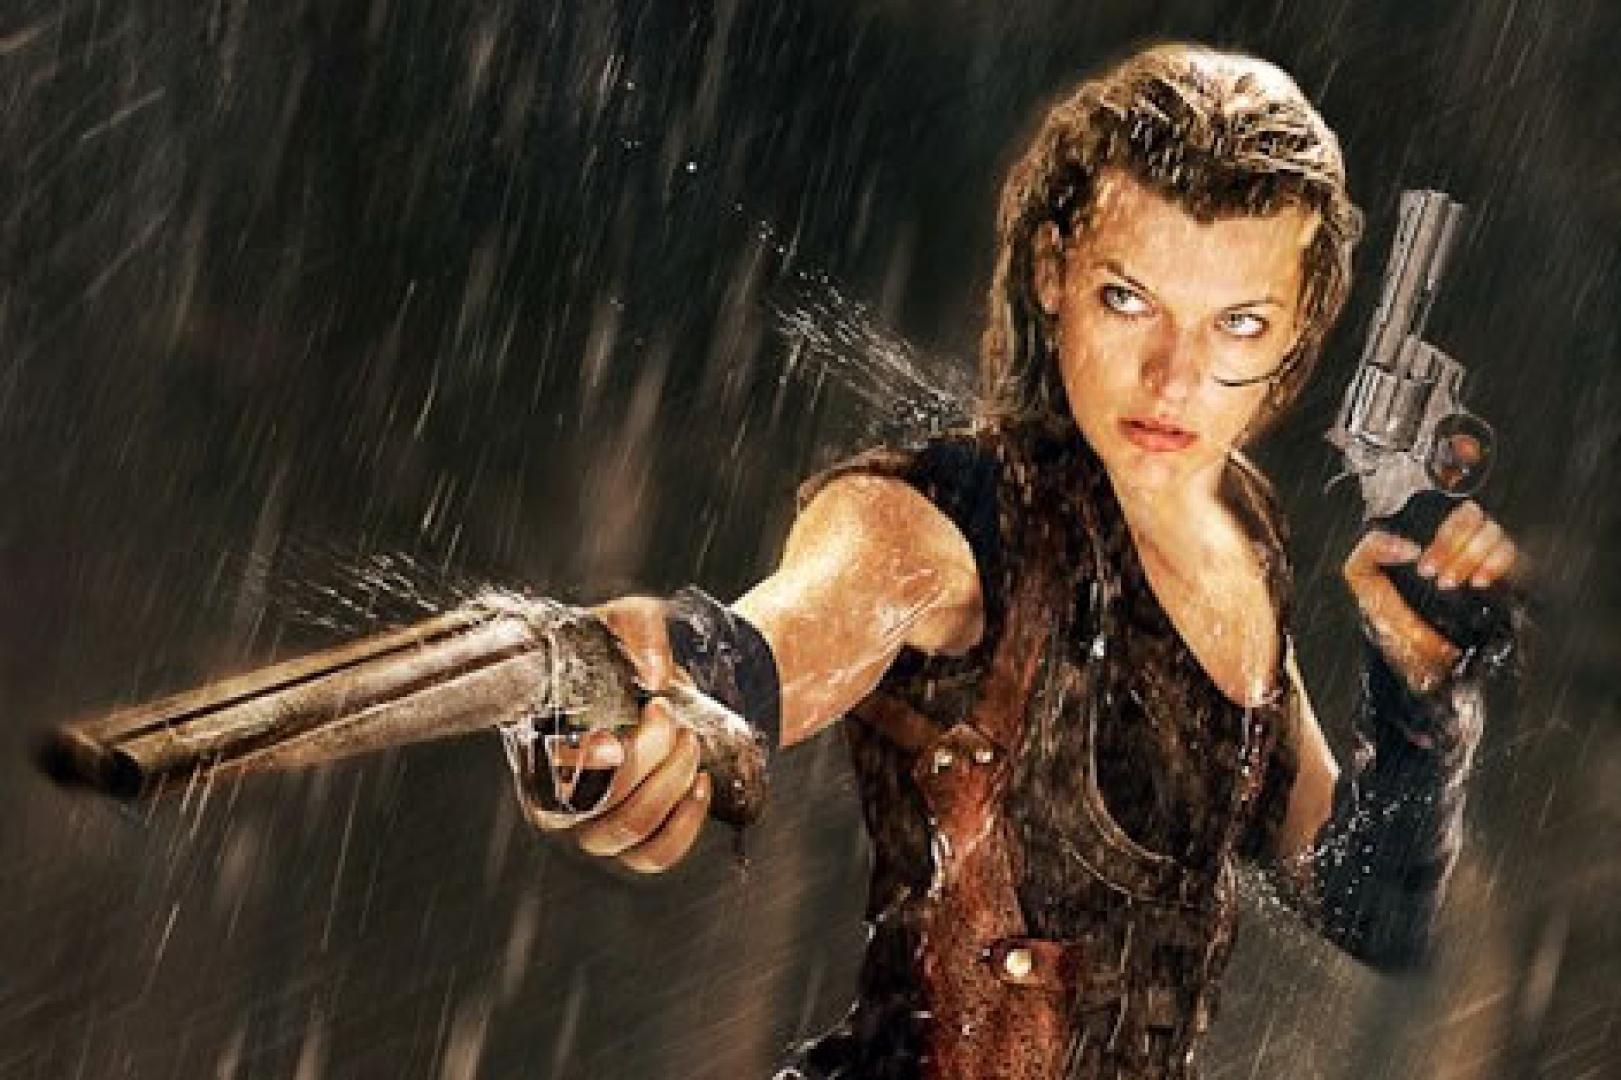 Hamarosan elindul a Resident Evil: The Final Chapter forgatása